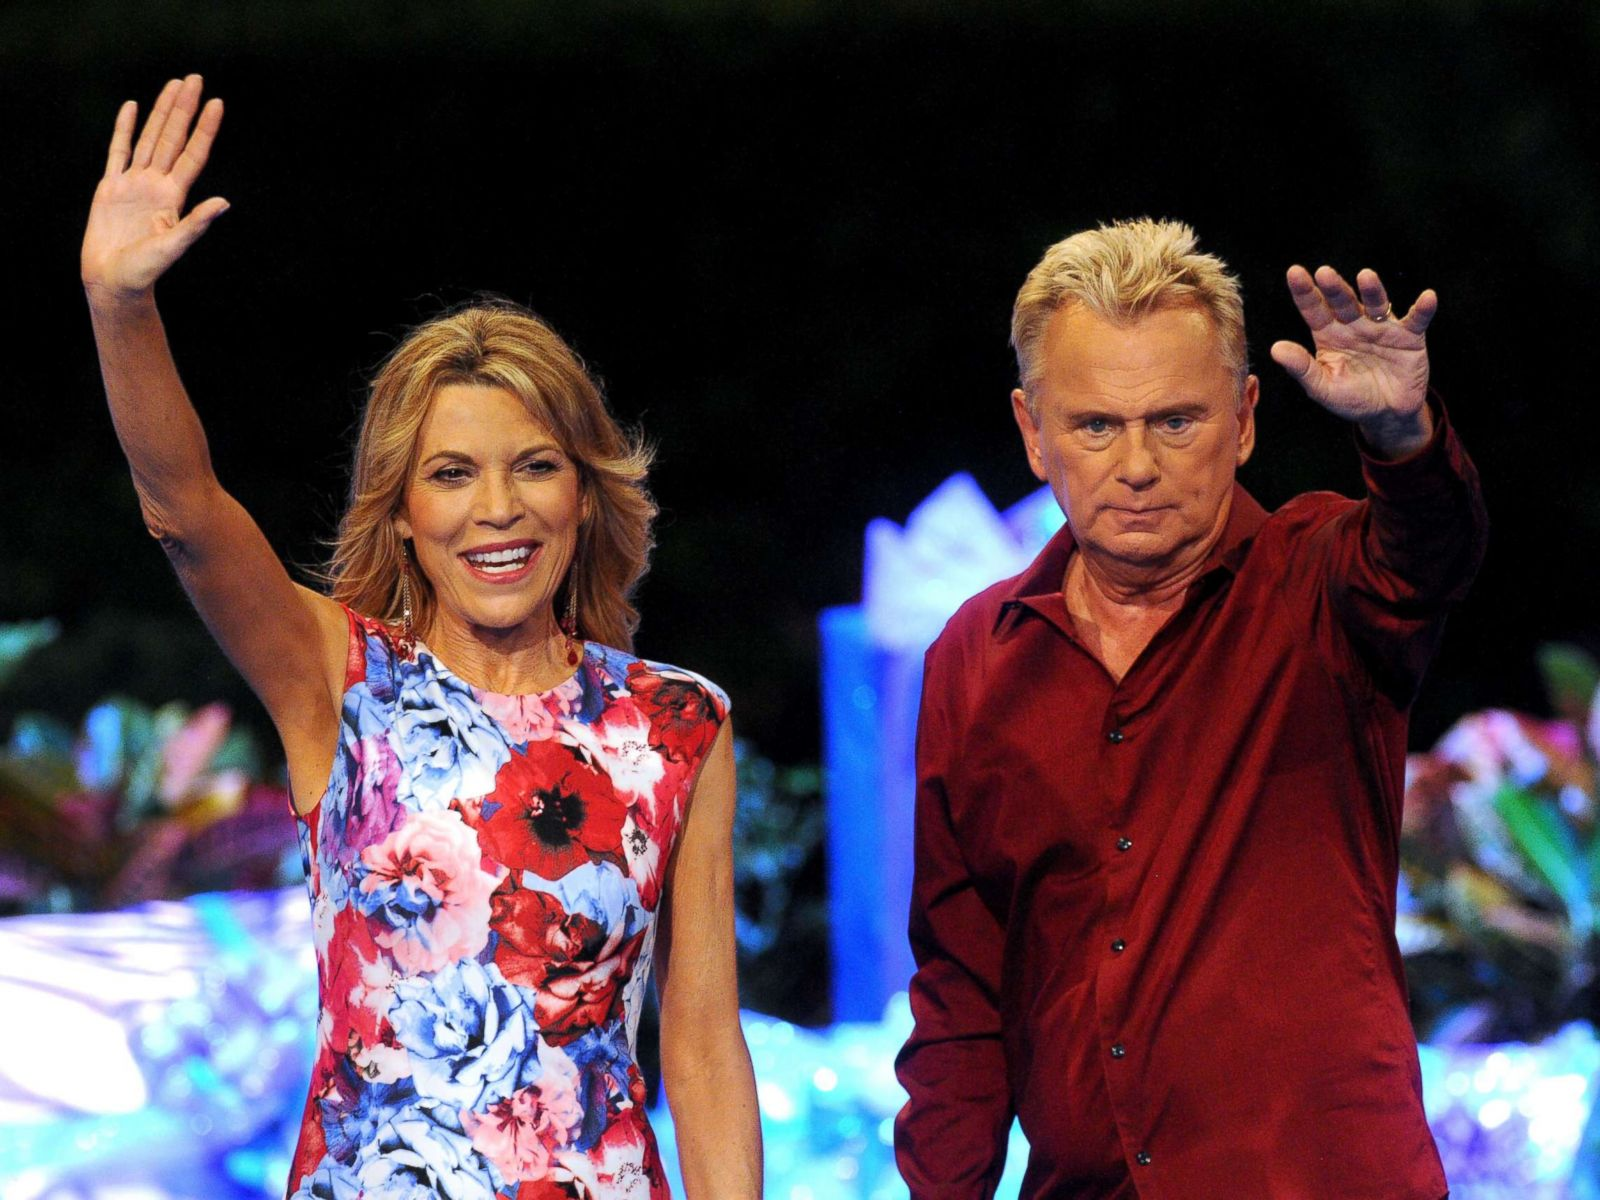 6,500 dresses later: 'Wheel of Fortune' host Vanna White on